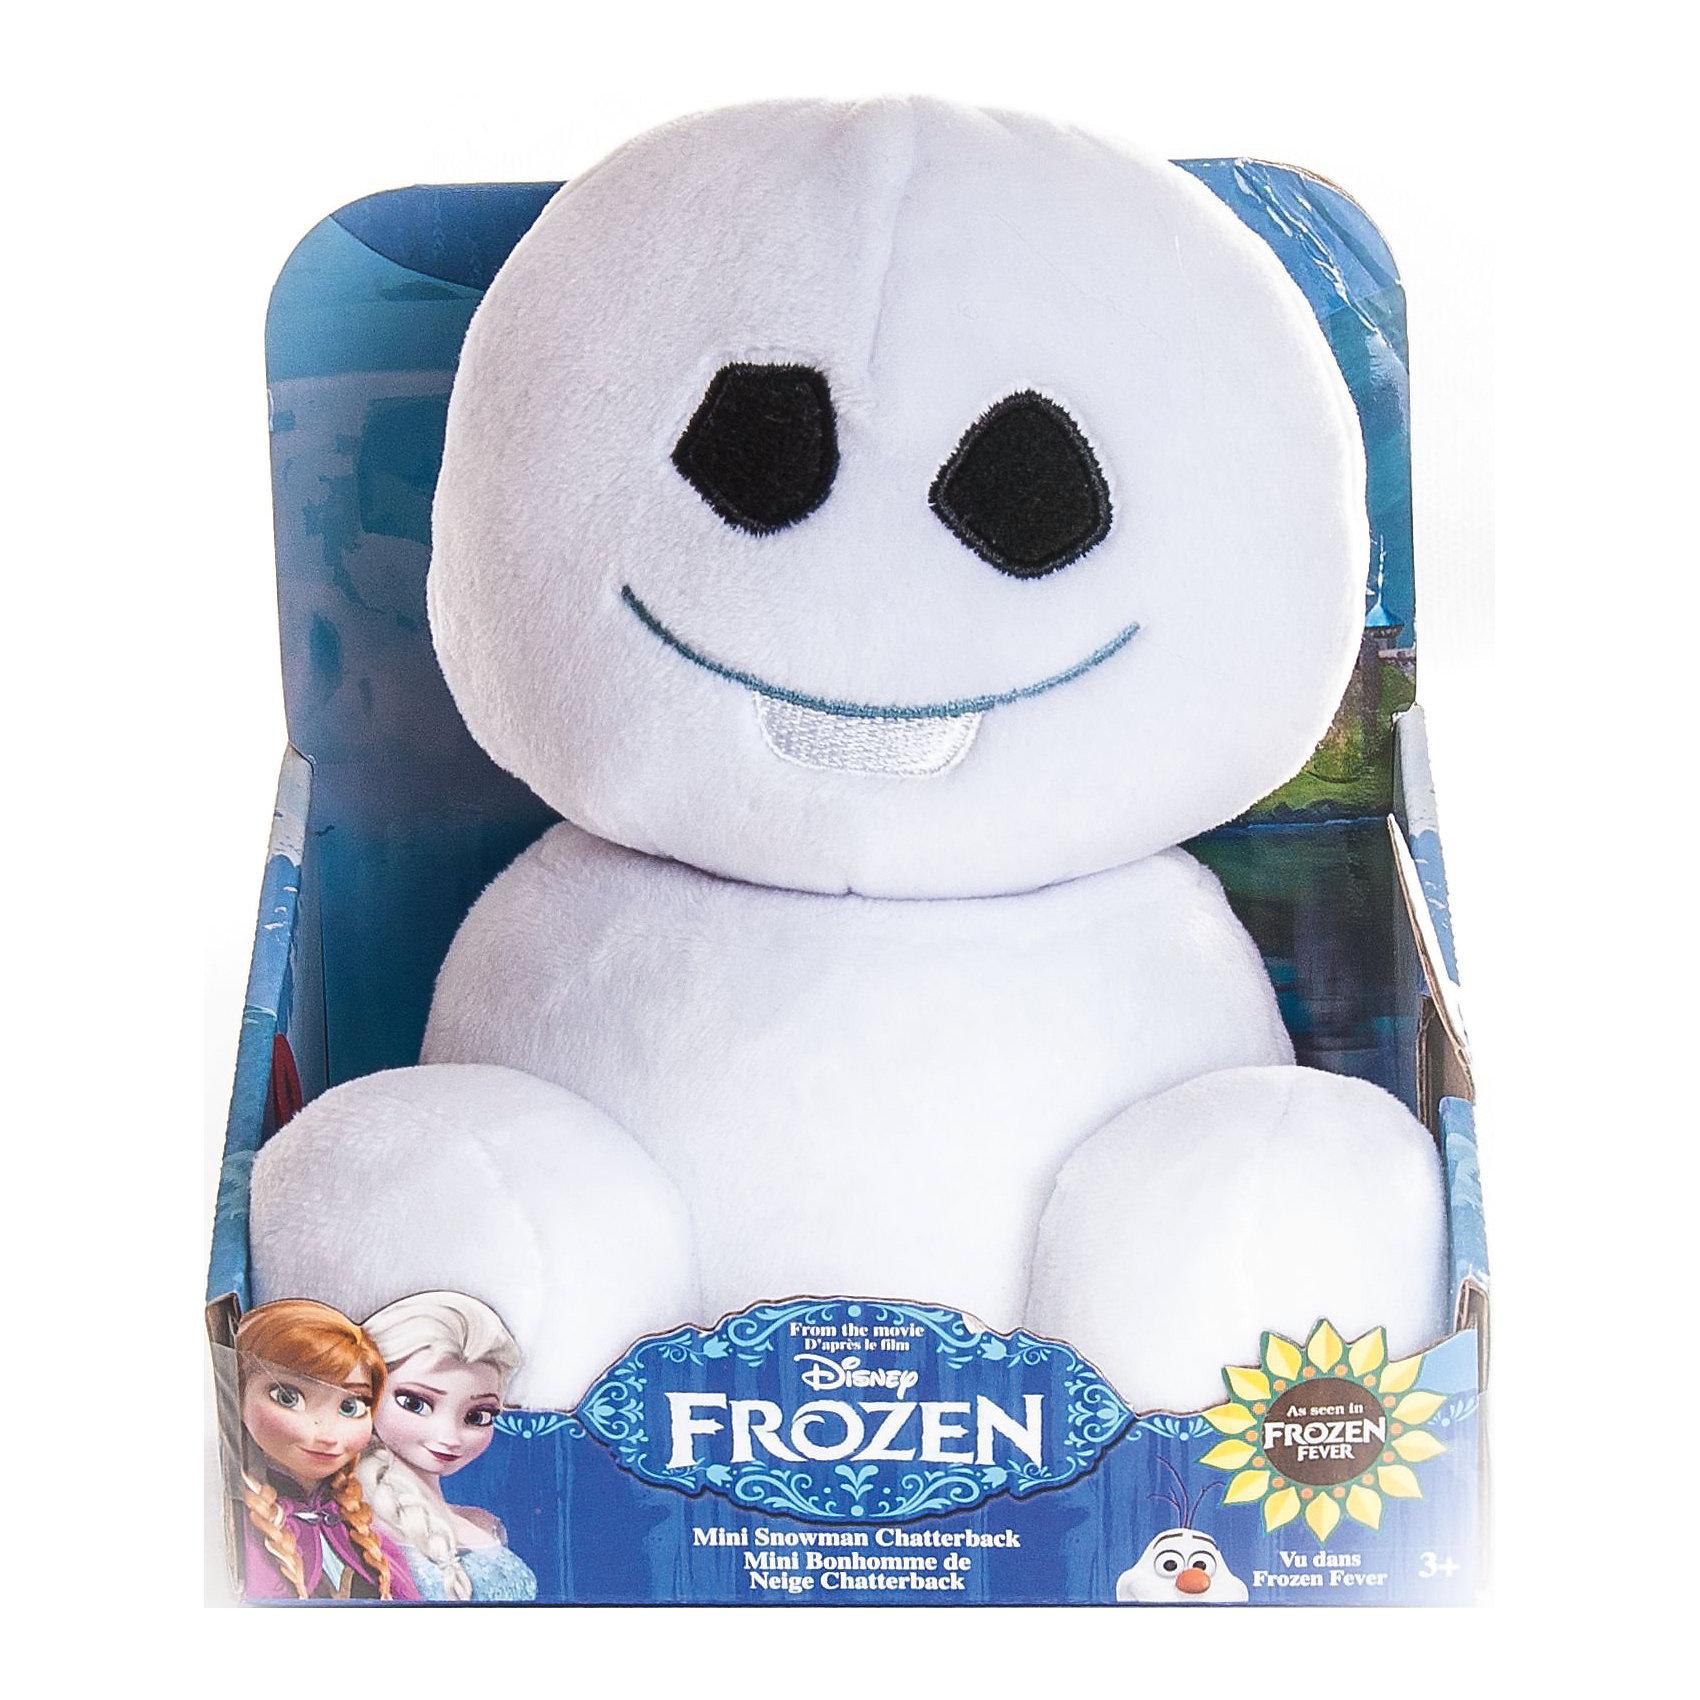 Мини-снеговичок, 20 см, Холодное сердцеОчаровательный Снеговичок - оригинальная мягкая игрушка, которая станет приятным сюрпризом для детей любого возраста. Снеговичок выполнен по мотивам популярного диснеевского мультфильма Холодное сердце (Frozen) и внешне очень похож на своего экранного персонажа, его угольные глазки и милая улыбка никого не оставят равнодушным. Игрушка очень мягкая и приятная на ощупь. Малыш с удовольствием будет обнимать и тискать забавного снеговичка и даже брать с собой в кровать, игрушка изготовлена из качественных экологичных материалов и совершенно безопасна для детского здоровья.  <br><br>Дополнительная информация:<br><br>- Материал: плюш, синтетический наполнитель.<br>- Высота игрушки: 20 см.<br>- Размер упаковки: 15 х 11 х 16 см.<br>- Вес: 0,205 кг.<br><br>Мини-снеговичка, Холодное сердце, Disney, можно купить в нашем интернет-магазине.<br><br>Ширина мм: 145<br>Глубина мм: 150<br>Высота мм: 100<br>Вес г: 307<br>Возраст от месяцев: 36<br>Возраст до месяцев: 192<br>Пол: Унисекс<br>Возраст: Детский<br>SKU: 4302516